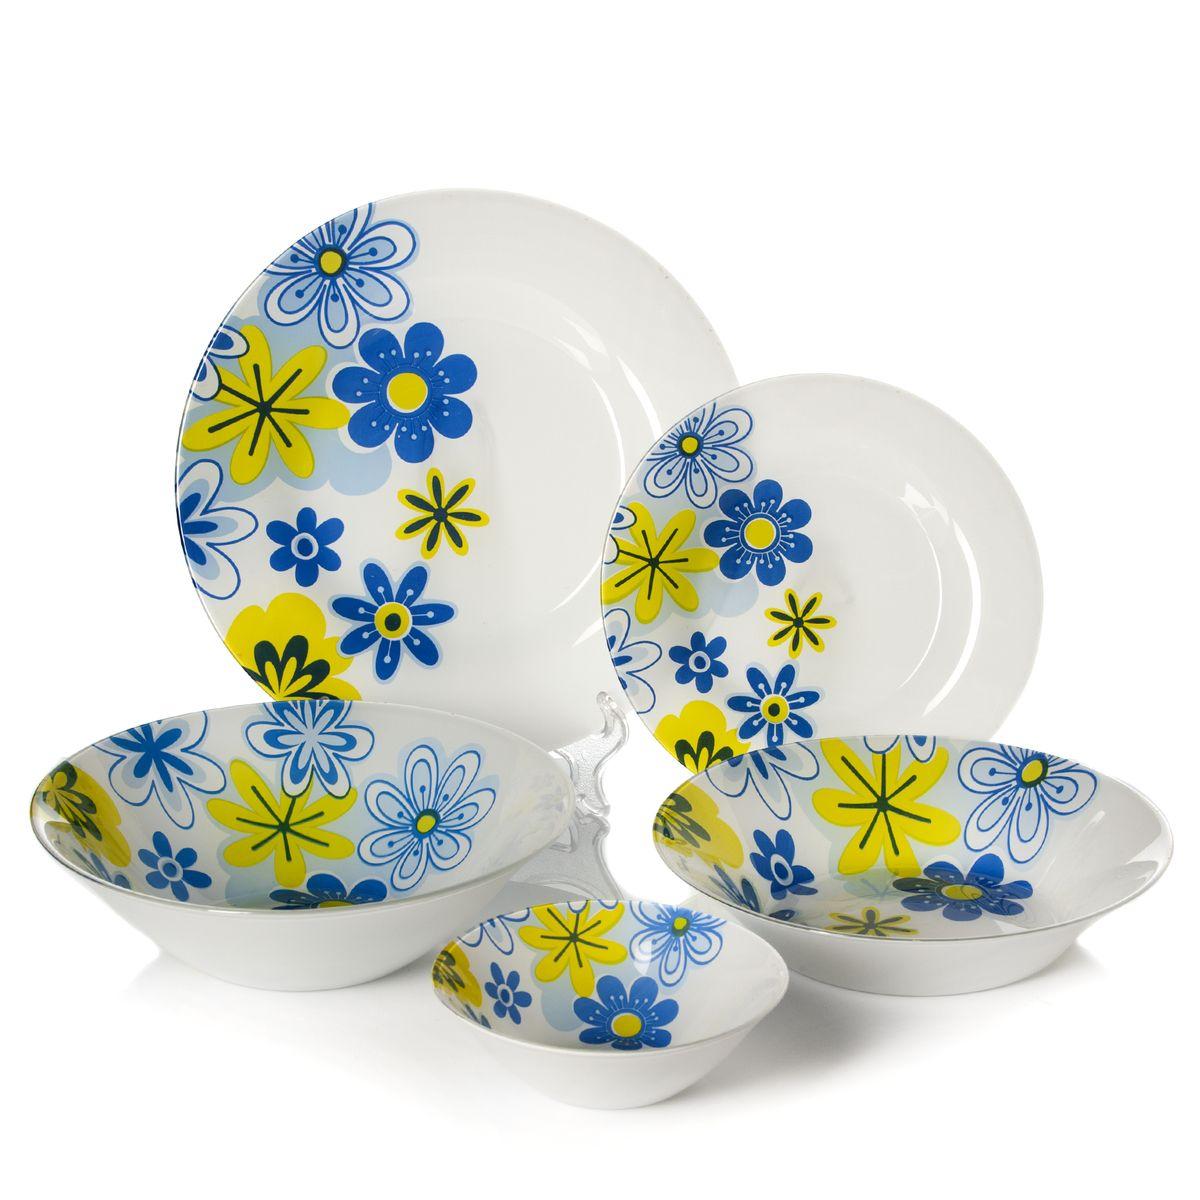 Набор столовый Pasabahce Spring, цвет: белый, голубой, 25 предметов95665BСтоловый набор Pasabahce Spring состоит из шести суповых тарелок, шести десертных тарелок, шести обеденных тарелок и семи салатников. Предметы набора выполнены из натрий-кальций-силикатного стекла, благодаря чему посуда будет использоваться очень долго, при этом сохраняя свой внешний вид. Предметы набора имеют повышенную термостойкость. Набор создаст отличное настроение во время обеда, будет уместен на любой кухне и понравится каждой хозяйке. Красочное оформление предметов набора придает ему оригинальность и торжественность. Практичный и современный дизайн делает набор довольно простым и удобным в эксплуатации. Предметы набора можно мыть в посудомоечной машине. Диаметр суповой тарелки: 22 см. Высота стенок суповой тарелки: 5 см. Диаметр обеденной тарелки: 26 см. Диаметр десертной тарелки: 19,5 см. Диаметр большого салатника: 23 см. Высота стенок большого салатника: 7 см. Диаметр салатника: 14 см. Высота стенок...